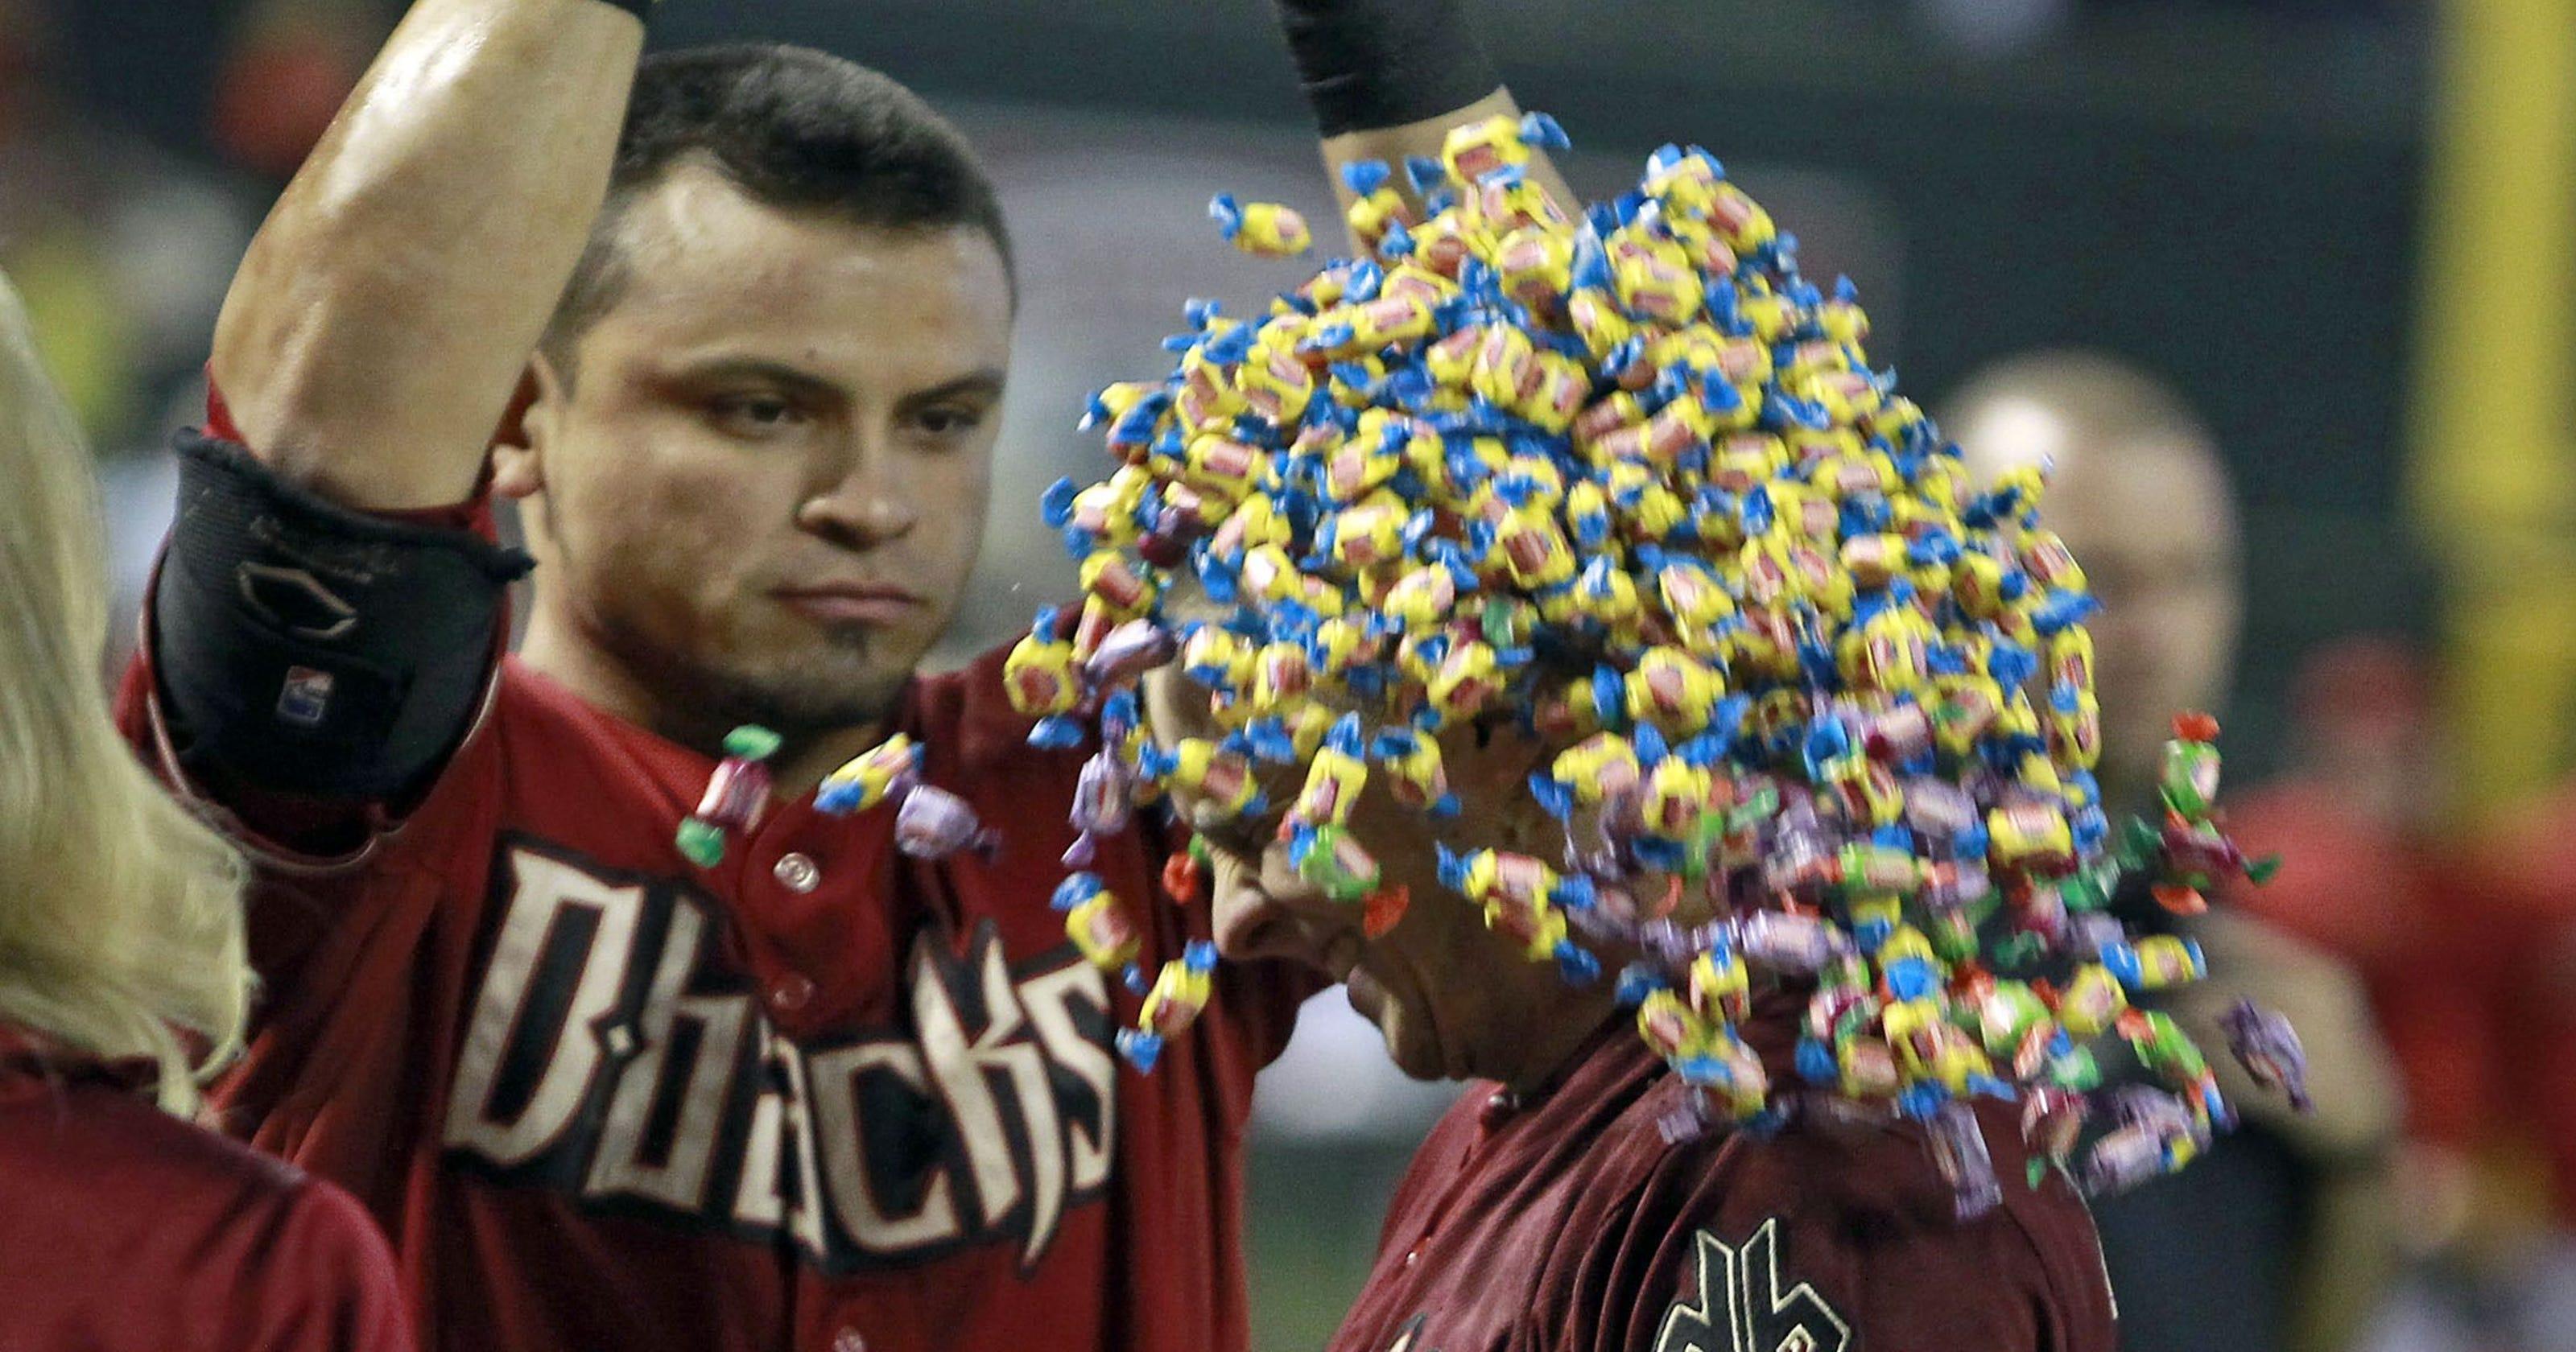 b298354ae11 Arizona Diamondbacks send Tony Campana back to minors